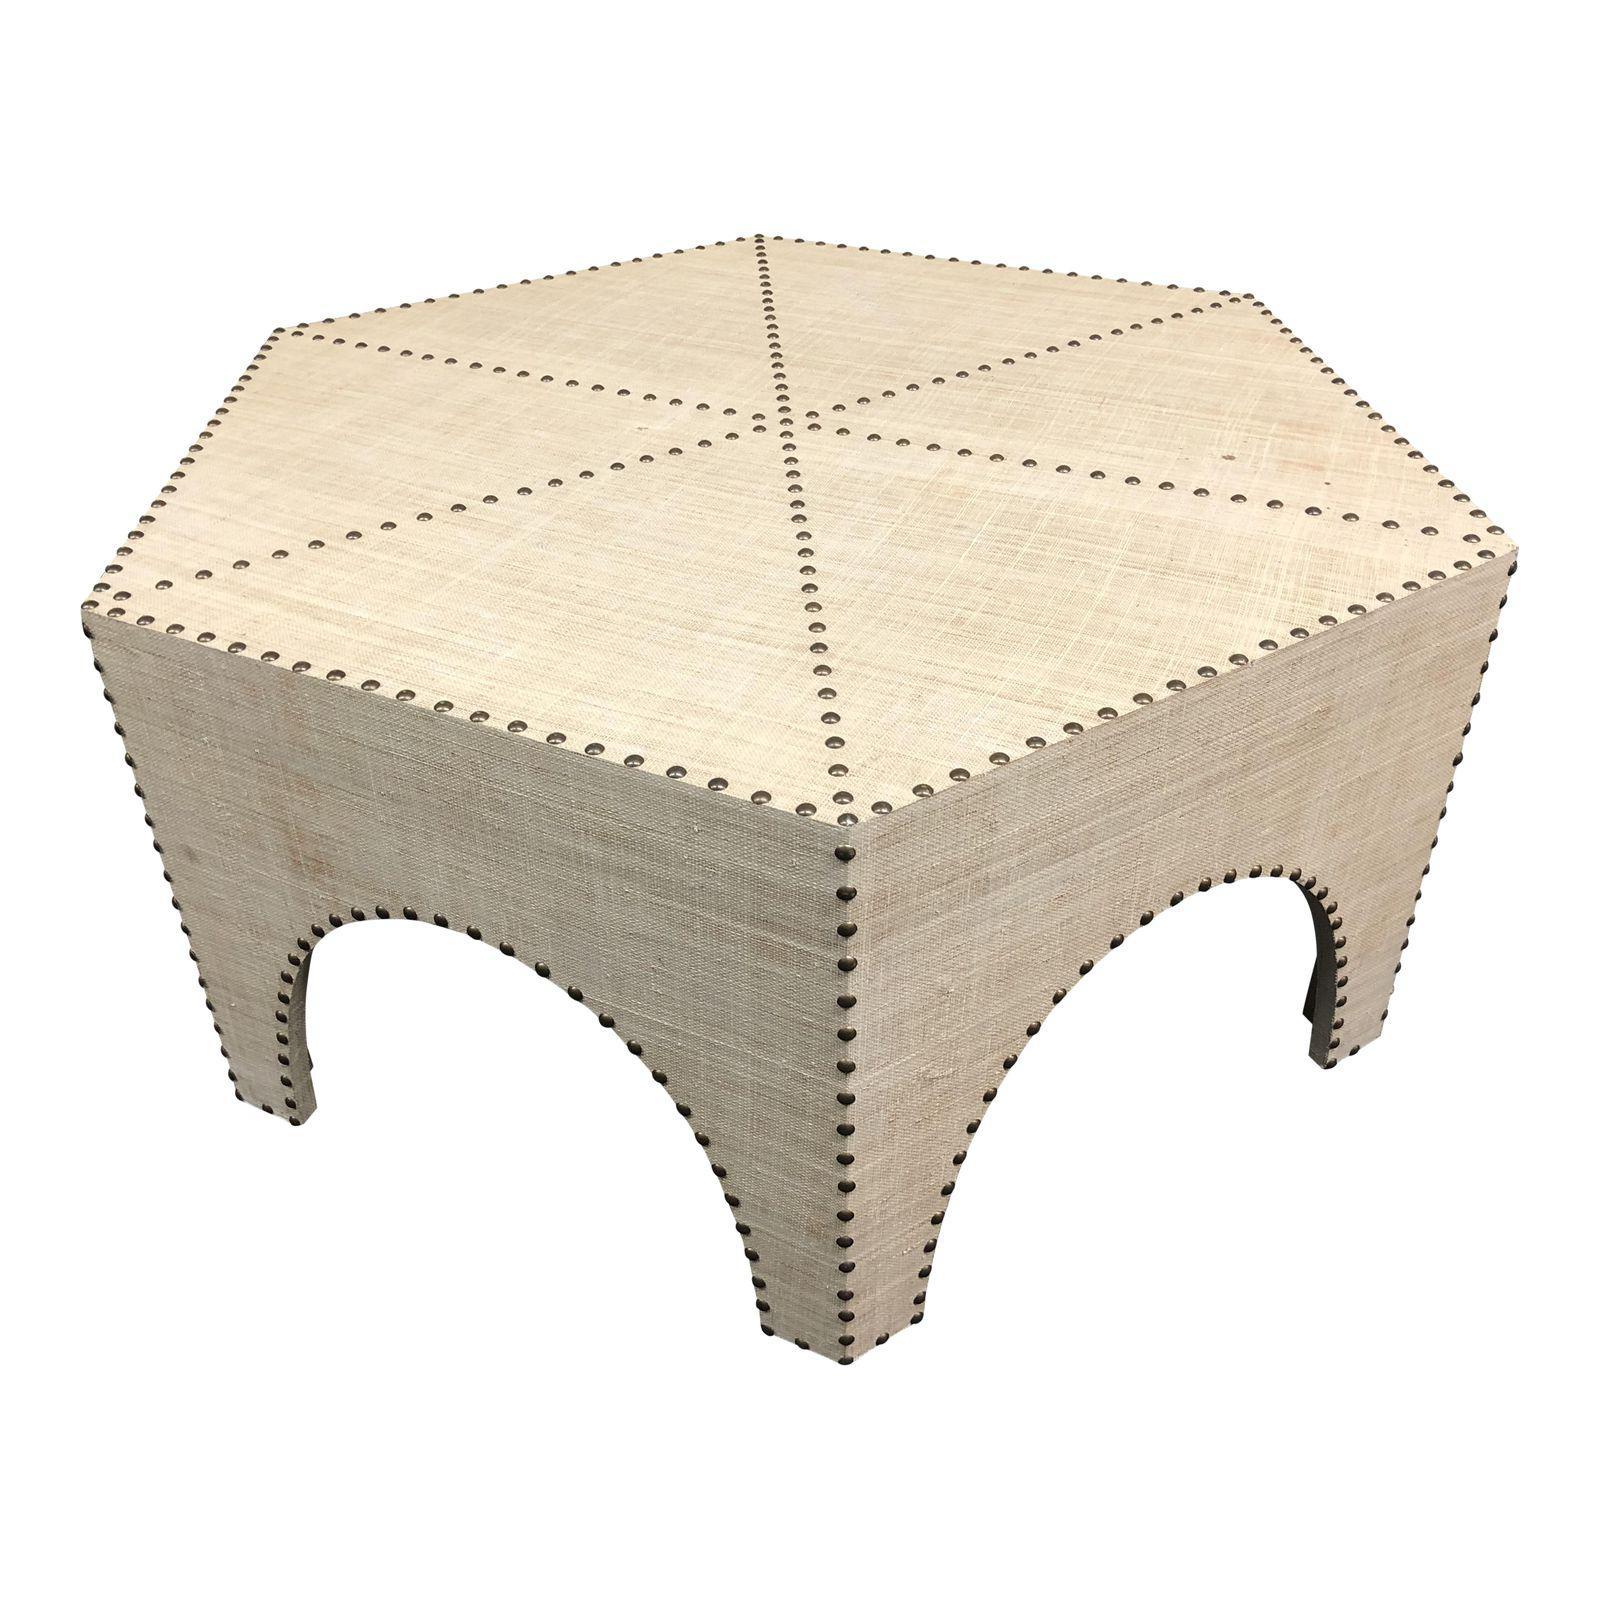 Popular Casablanca Coffee Tables Regarding New Palecek Casablanca Raffia Coffee Table – Design Plus Gallery (View 4 of 20)